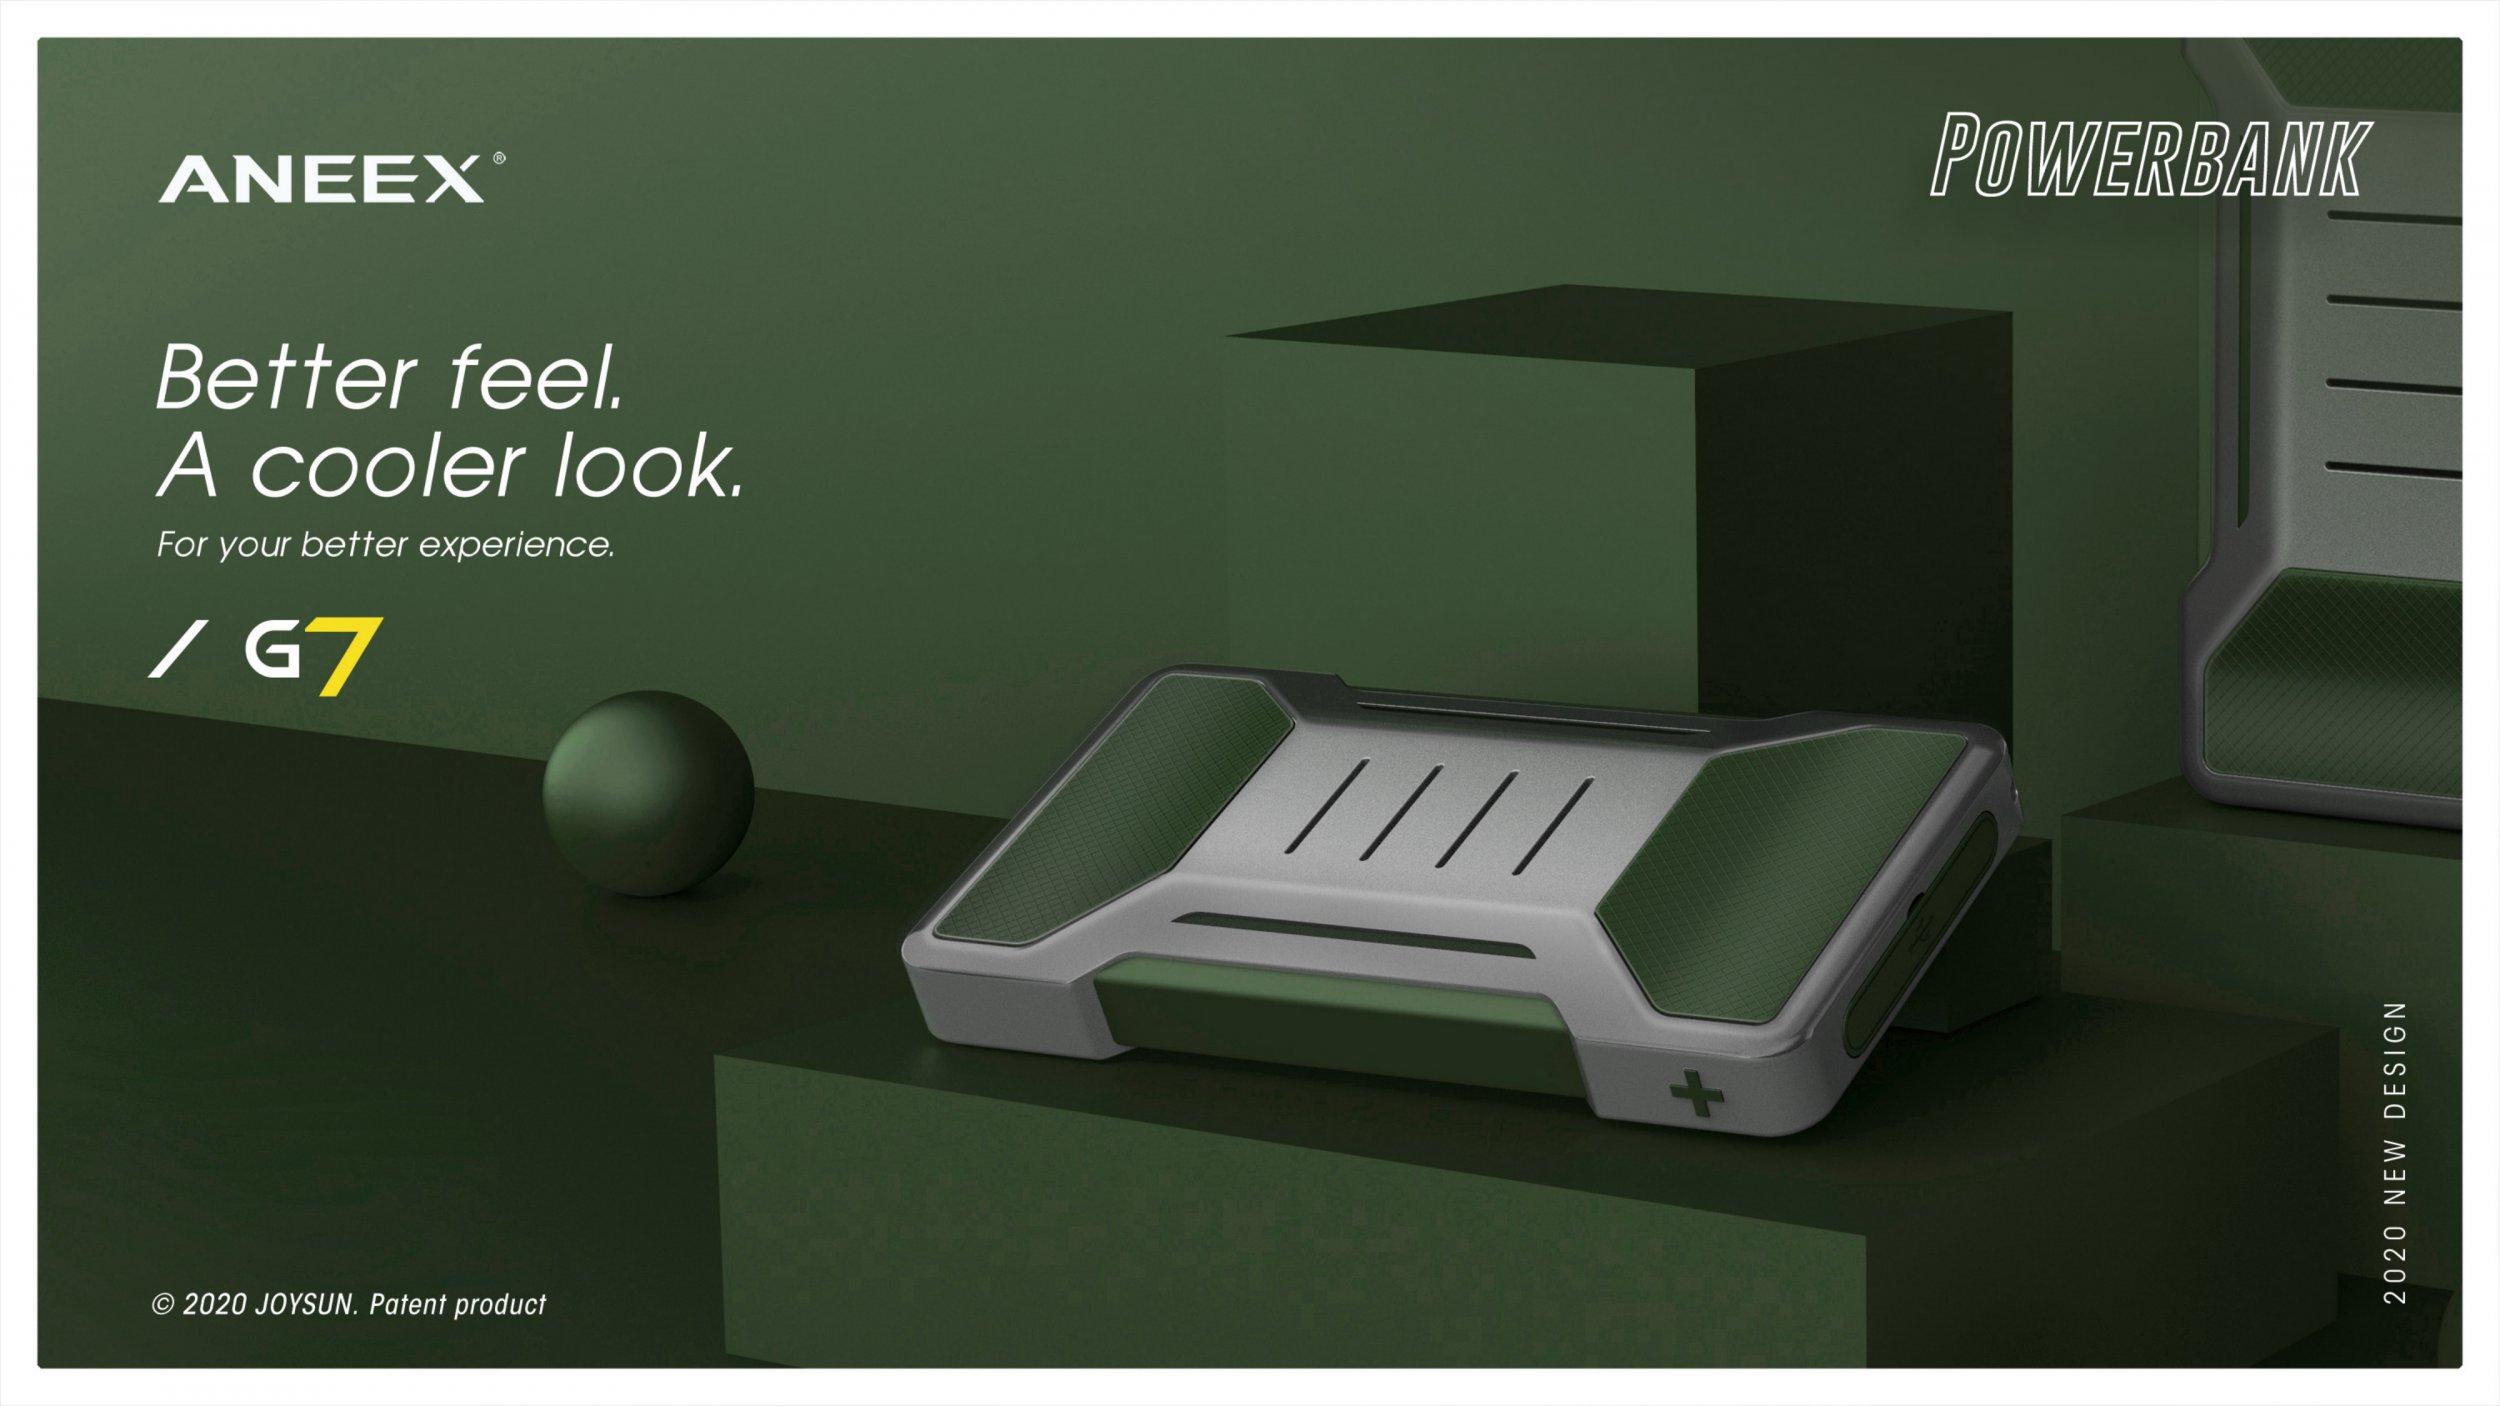 Gamer Power Bank New Design  2020